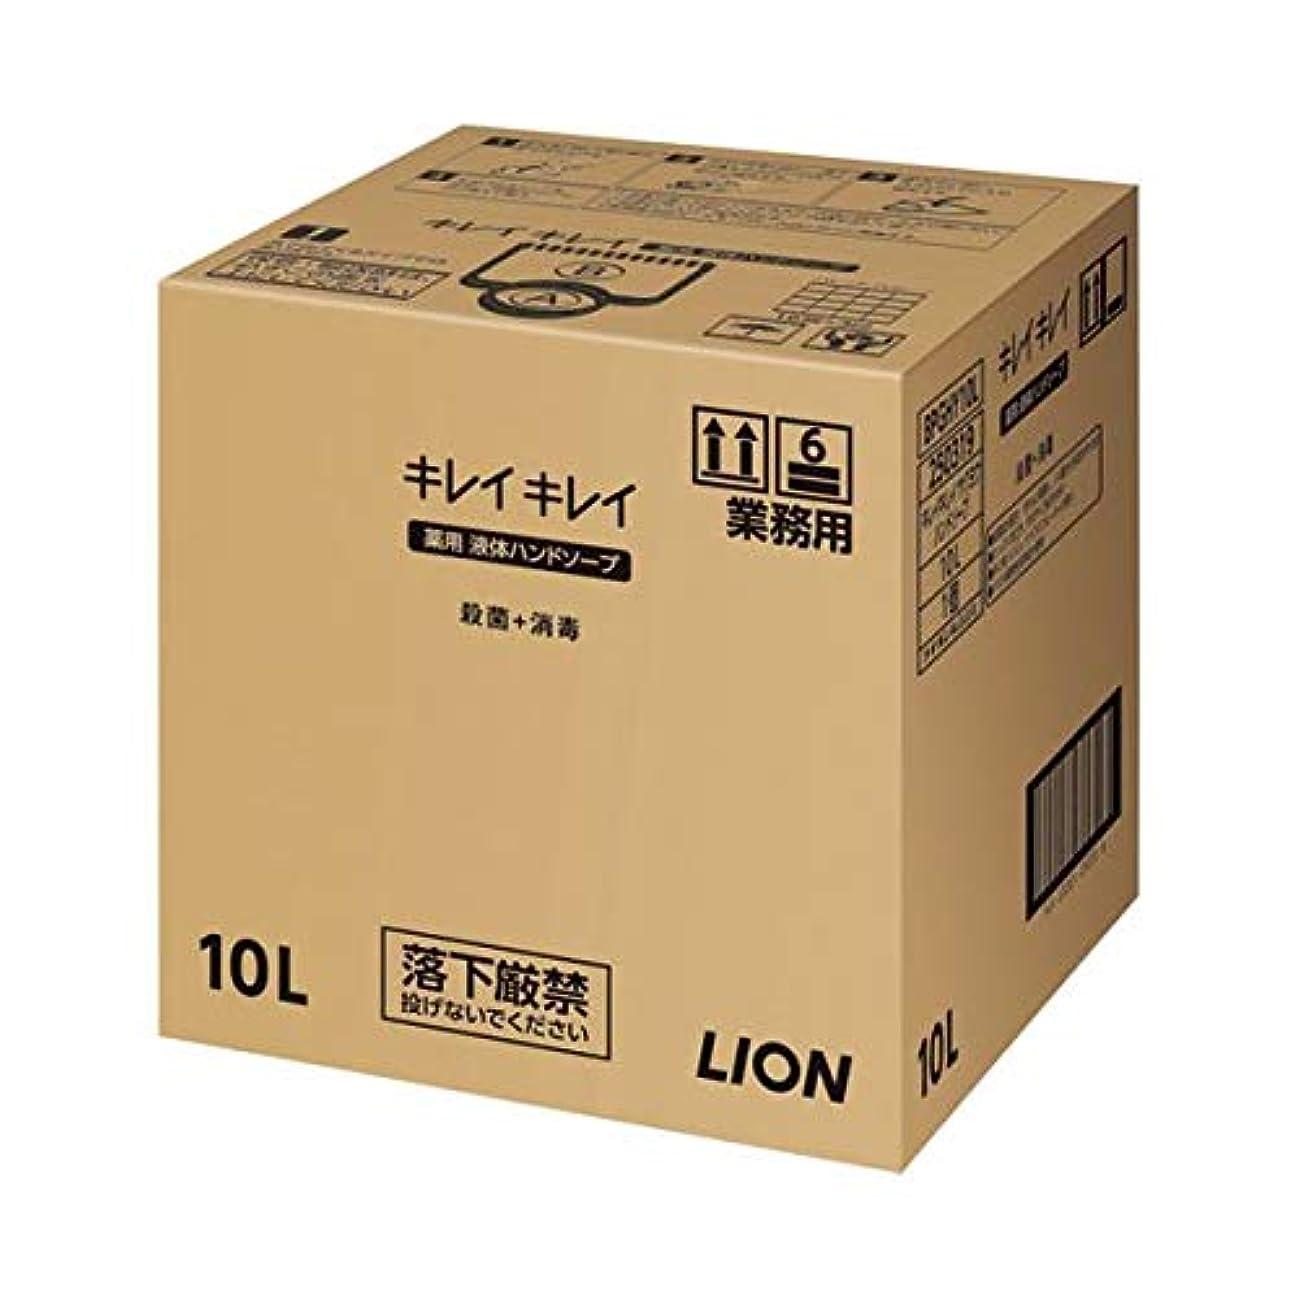 ライオン キレイキレイ 薬用ハンドソープ 10L ダイエット 健康 衛生用品 ハンドソープ 14067381 [並行輸入品]